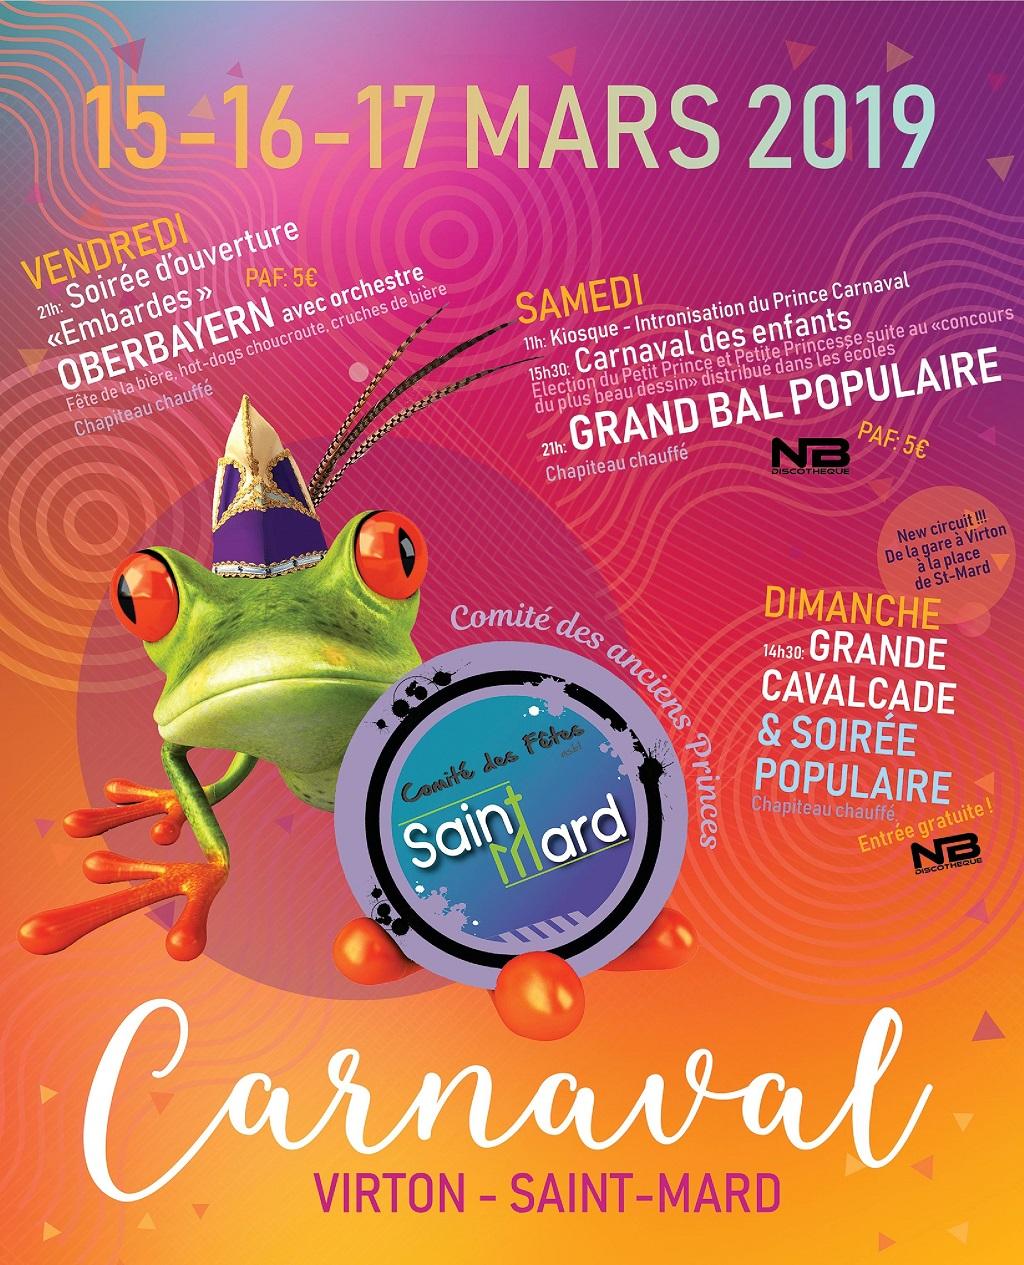 Carnaval de Virton et Saint-Mard 2019